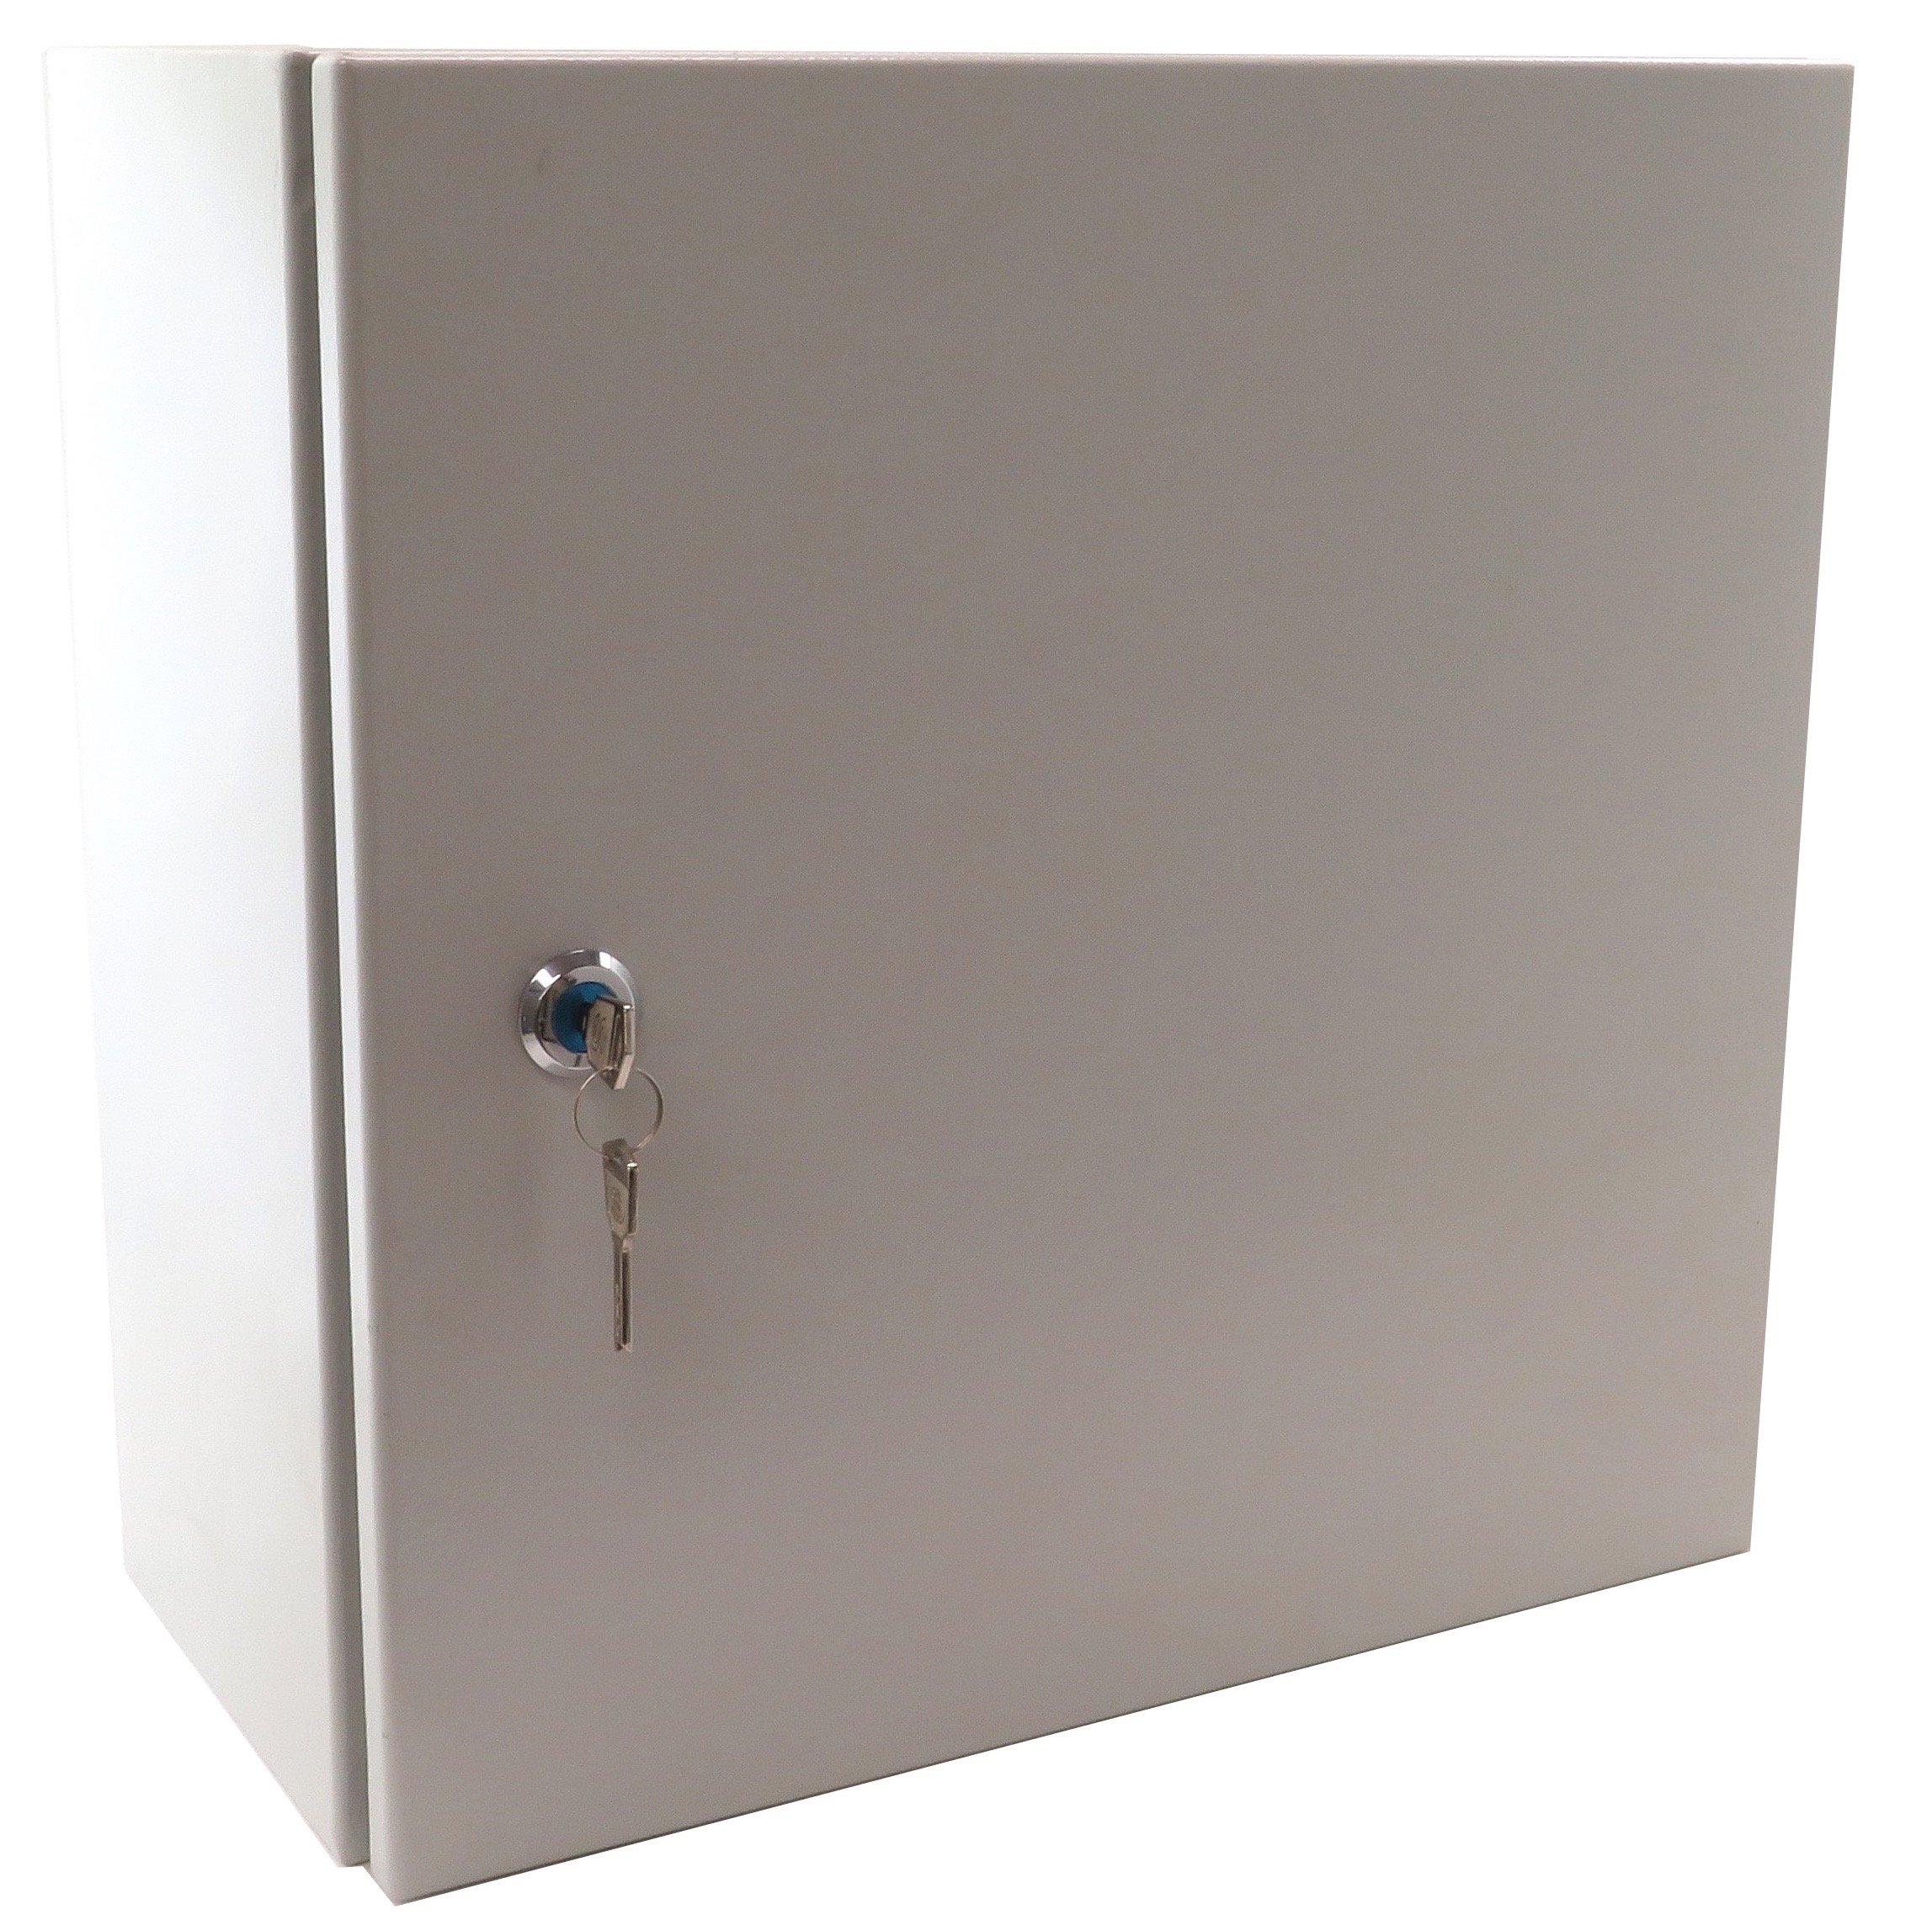 Yuco totalmente cerrada (no (placa) IP66 caja con 1 juego de cerradura y llaves, UL certificada, NEMA 4, 16 gauge, sola puerta cubierta de la bisagra, de montaje en pared, galvanizado placa: